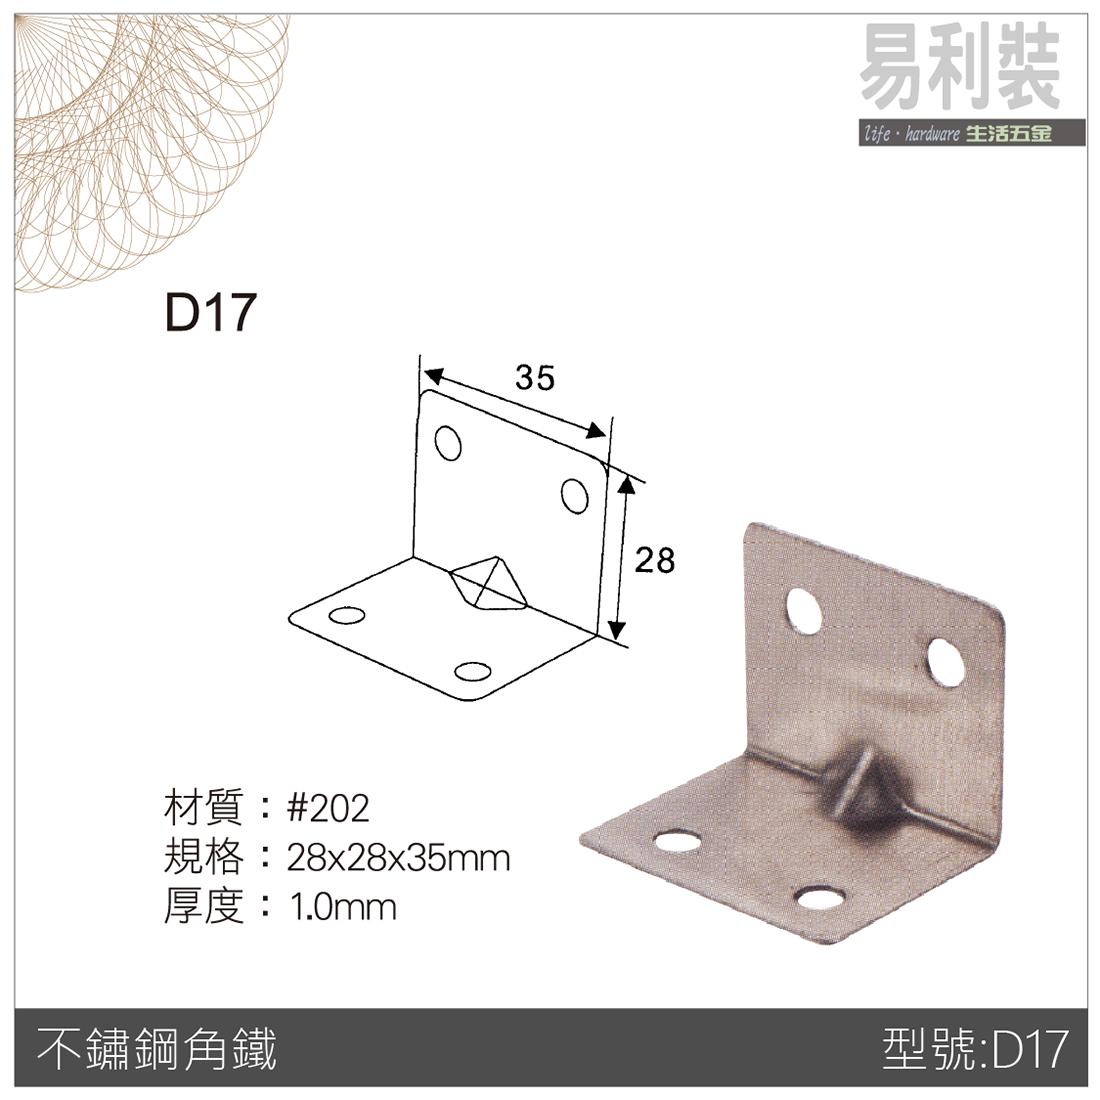 【 EASYCAN 】D17 不鏽鋼 角碼 1包10片 易利裝生活五金 角鐵 轉角片 補強 房間 臥房 客廳 餐廳 櫥櫃 衣櫃 小資族 辦公家具 系統家具